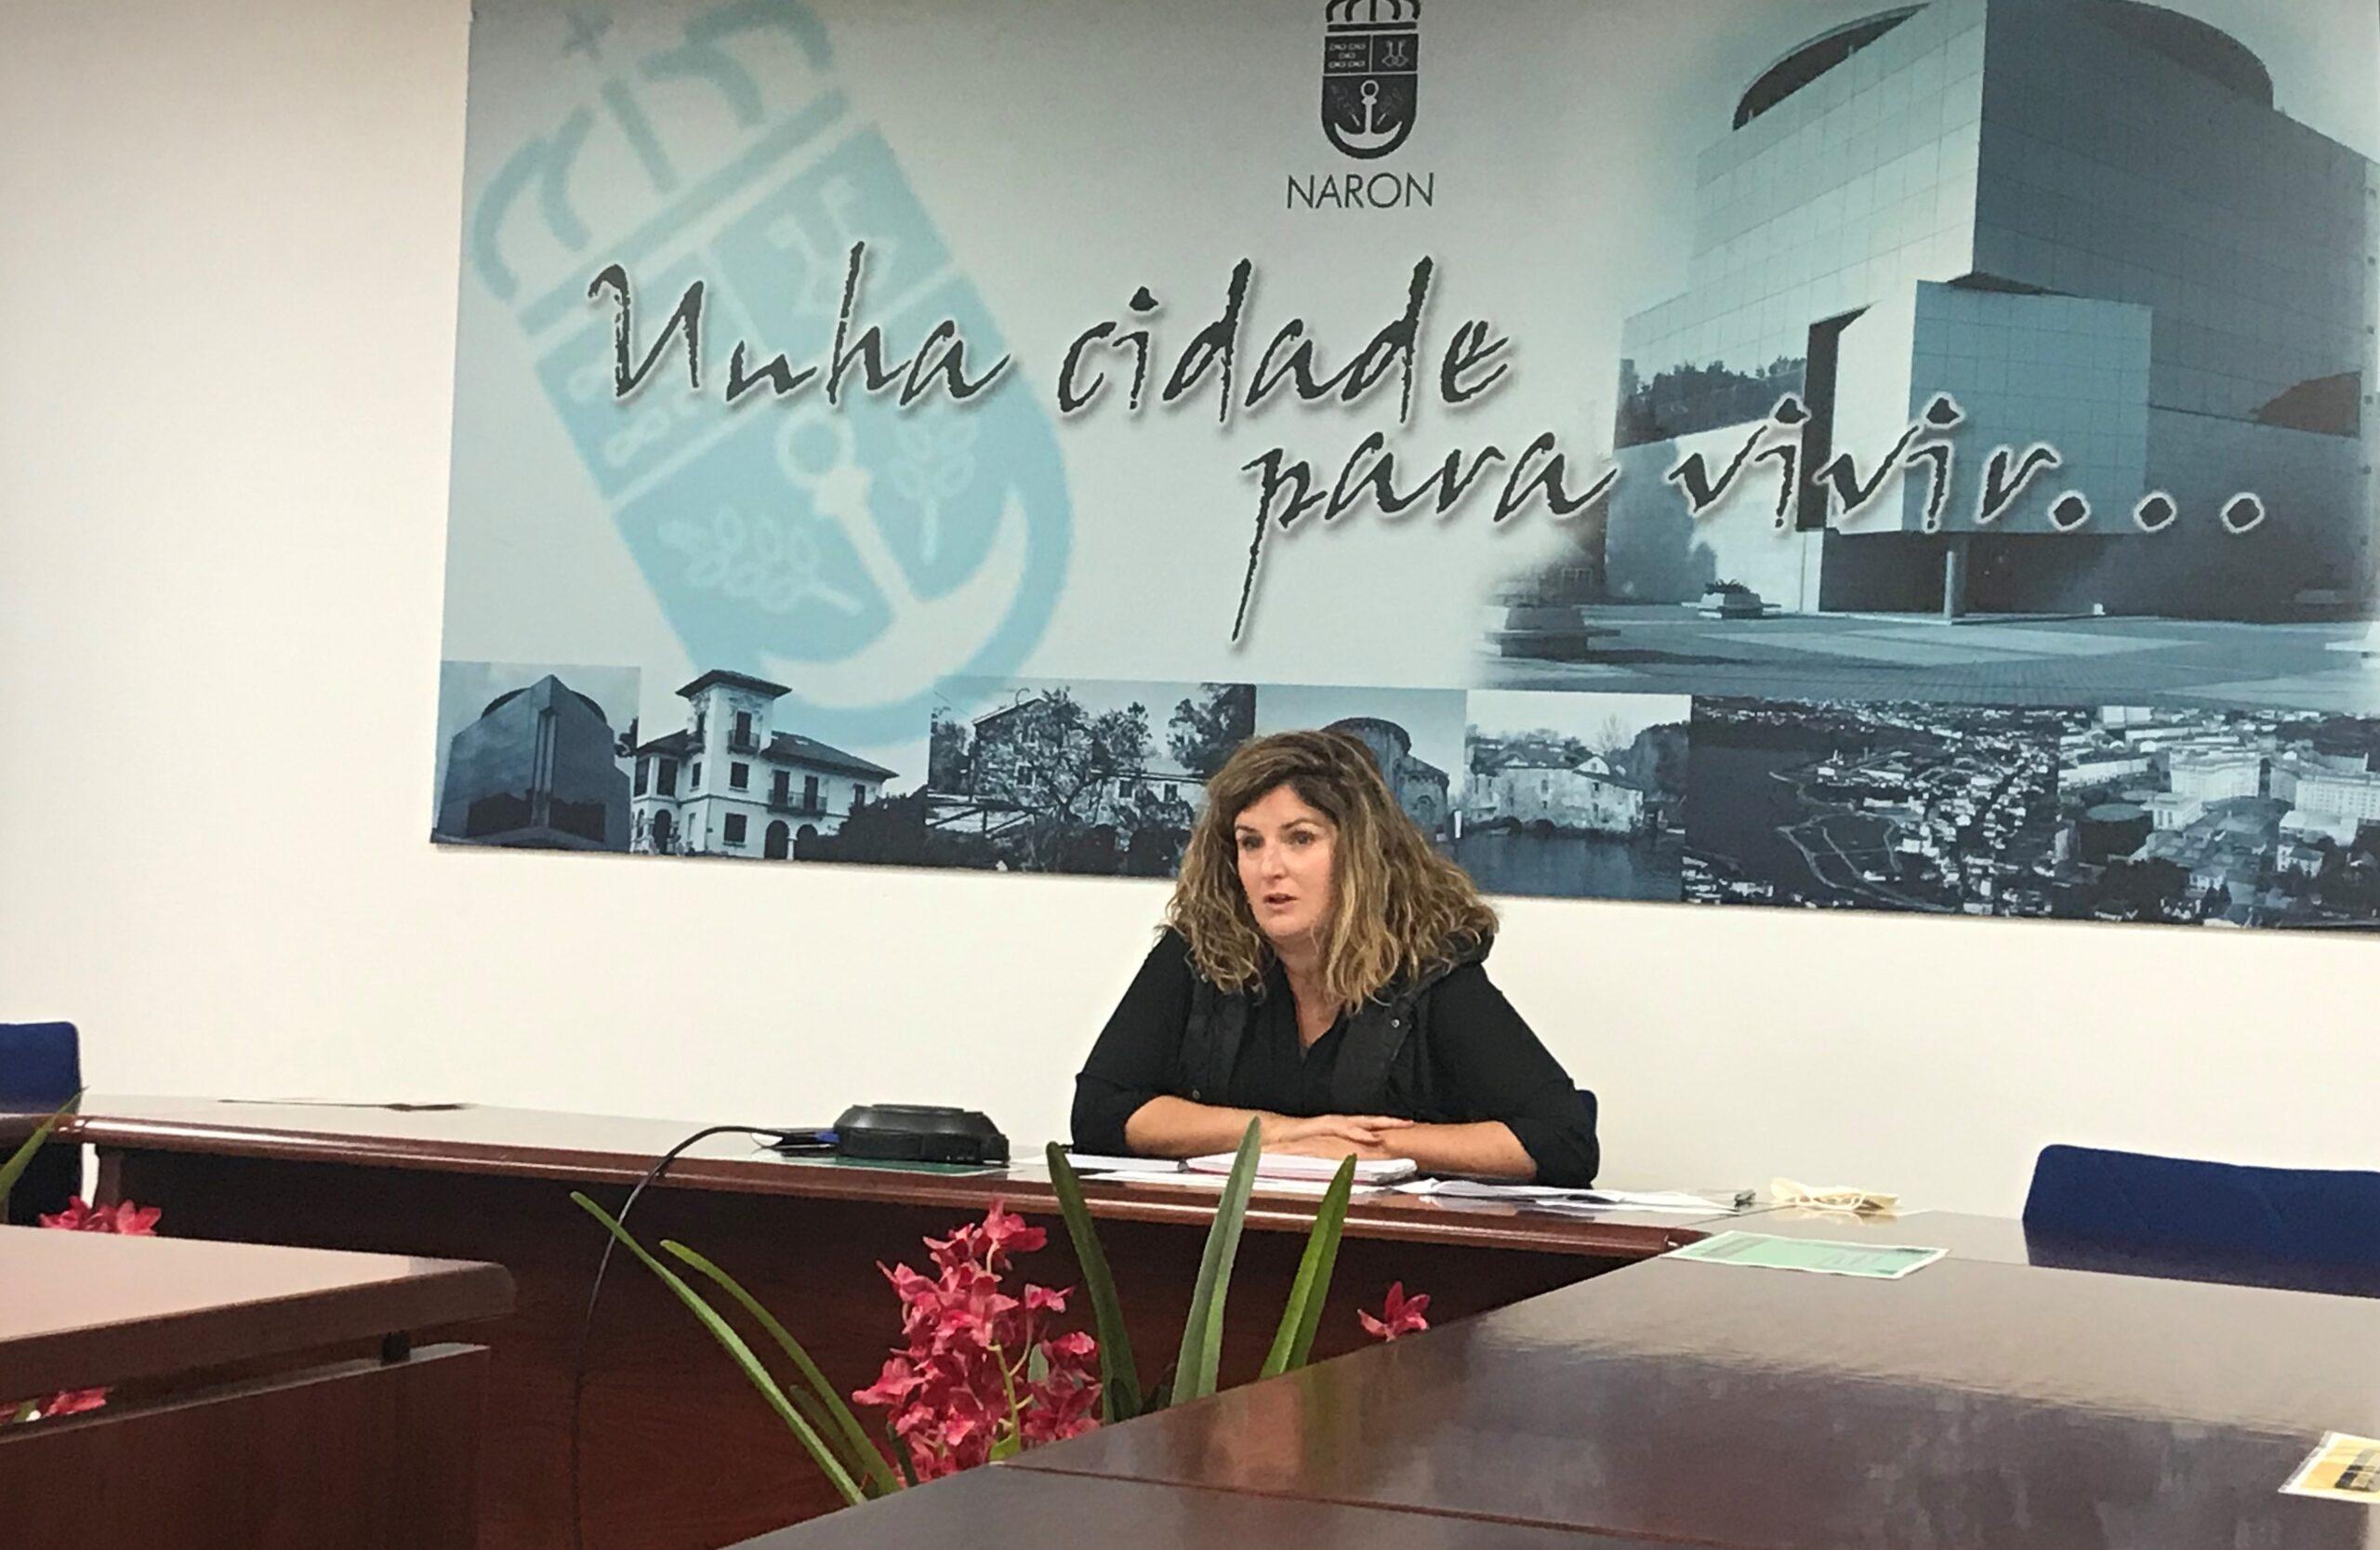 La alcaldesa de Narón durante la telereunión con el responsable de Sanidade